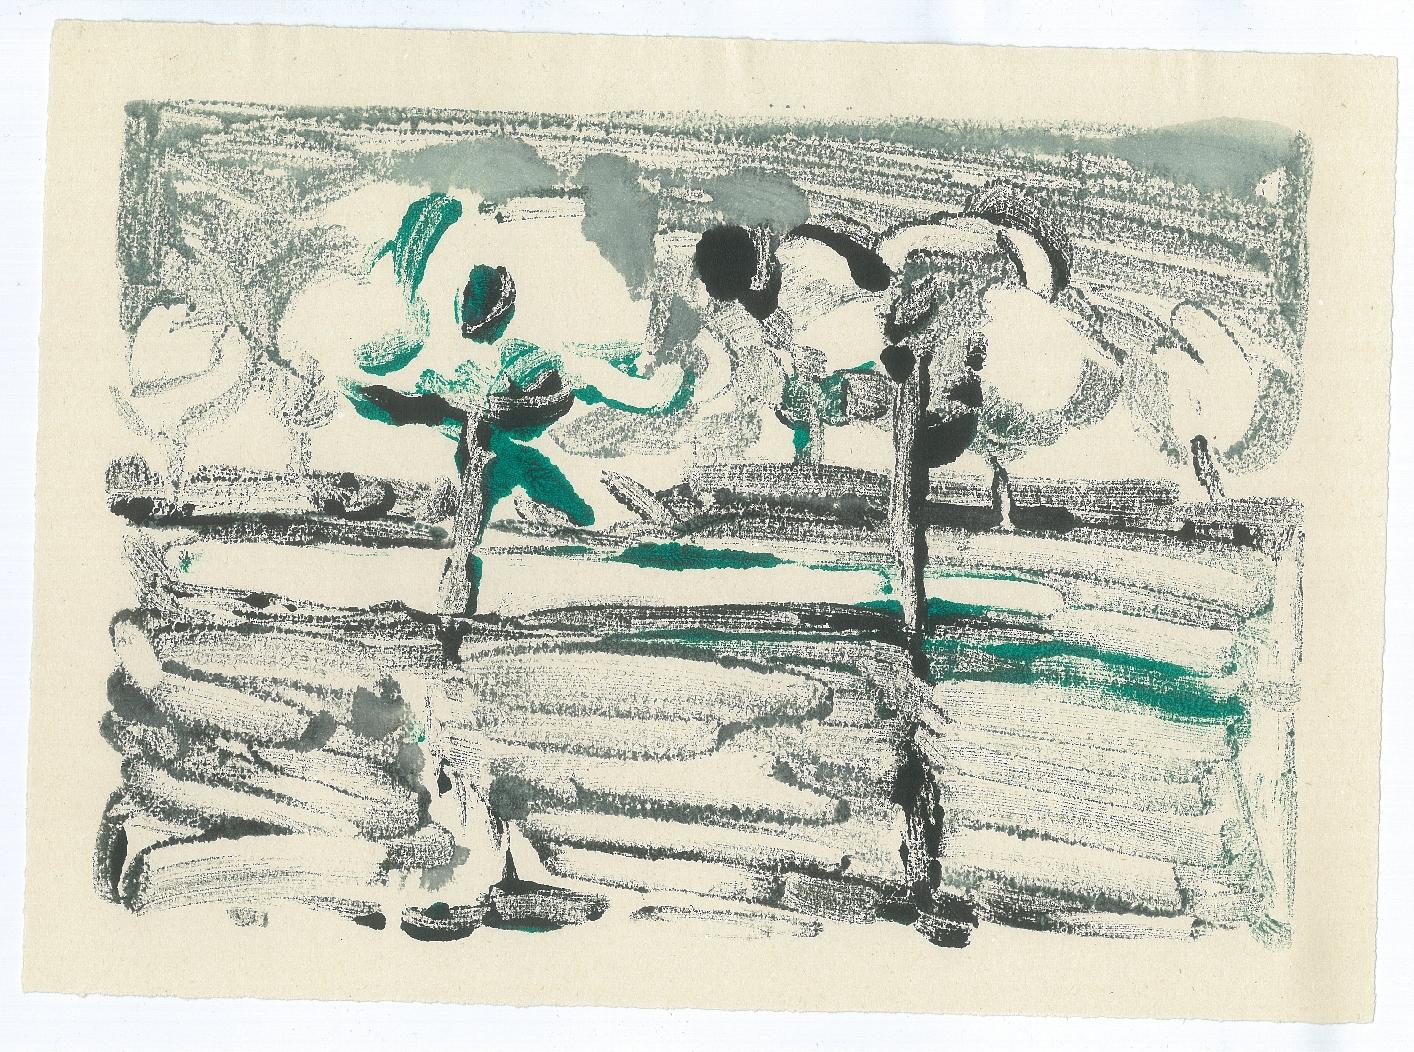 Twin Trees, 1978, monotype - versatex textile ink, 33 x 23 cm